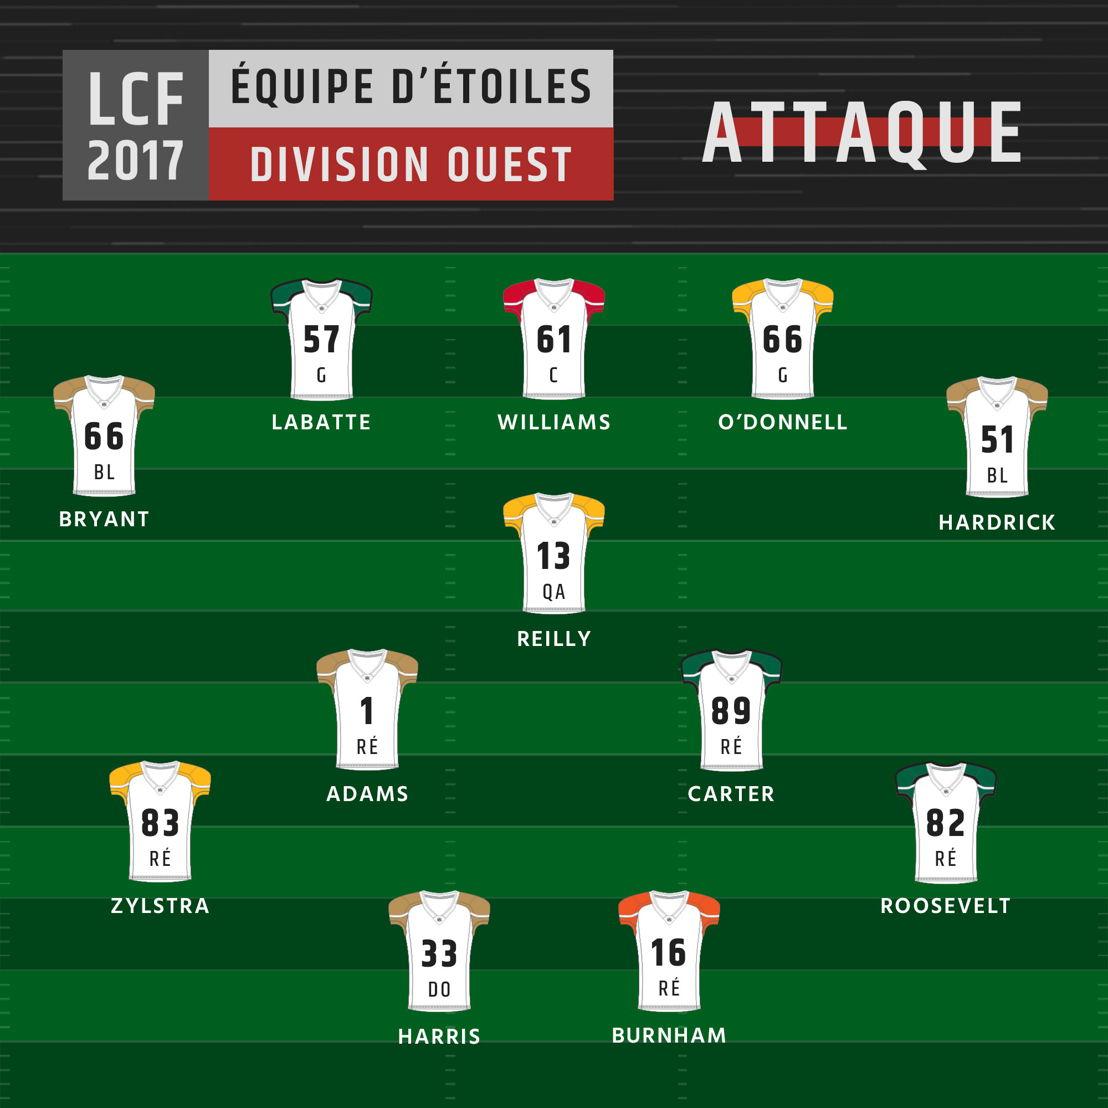 Équipe d'étoiles de la division Ouest - Attaque